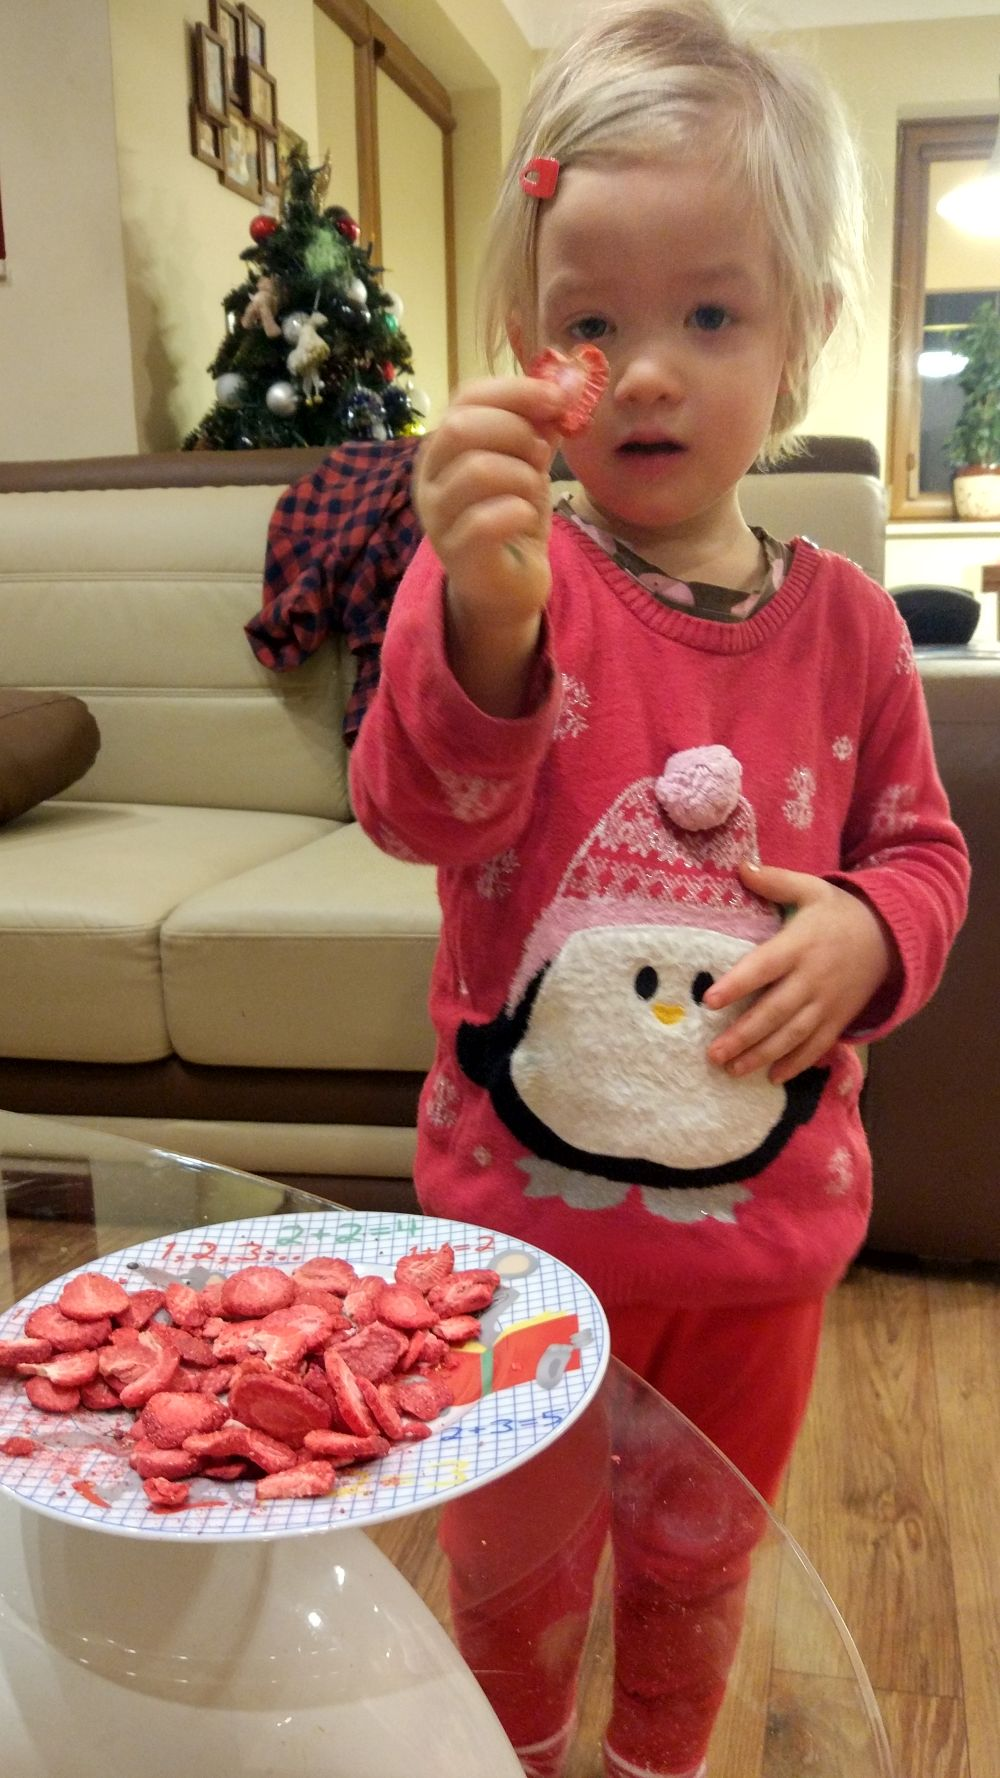 Przez żołądek do mózgu,czyli zdrowe odżywianie dziecka w naszym wydaniu (artykuł z wersją audio)